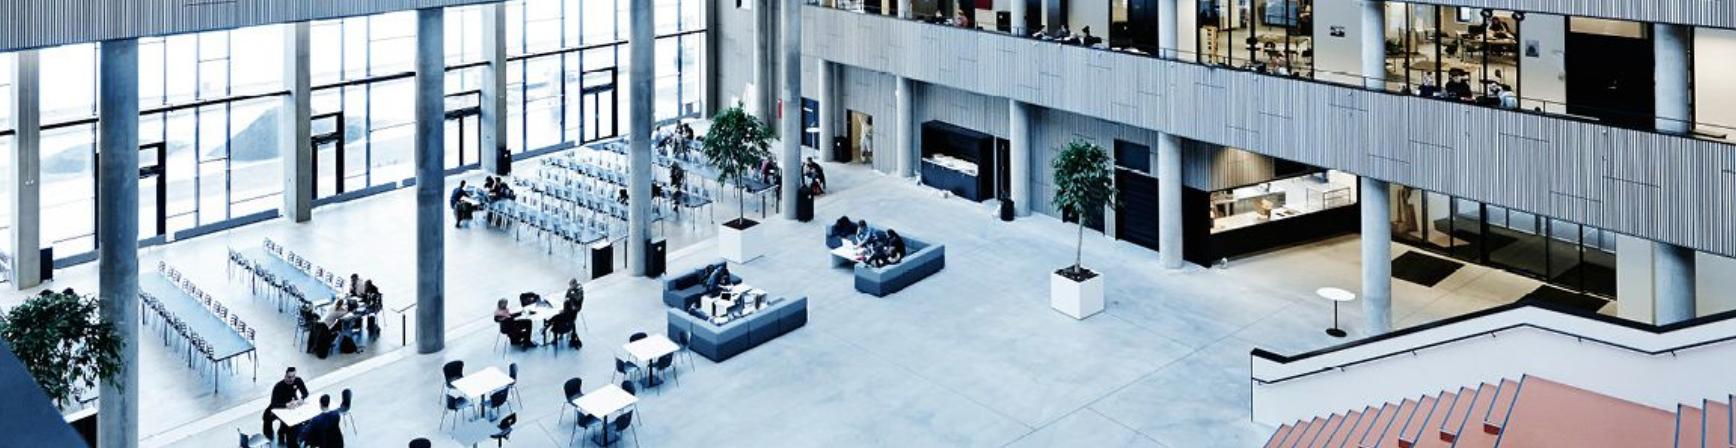 Aalborg Universitet Case